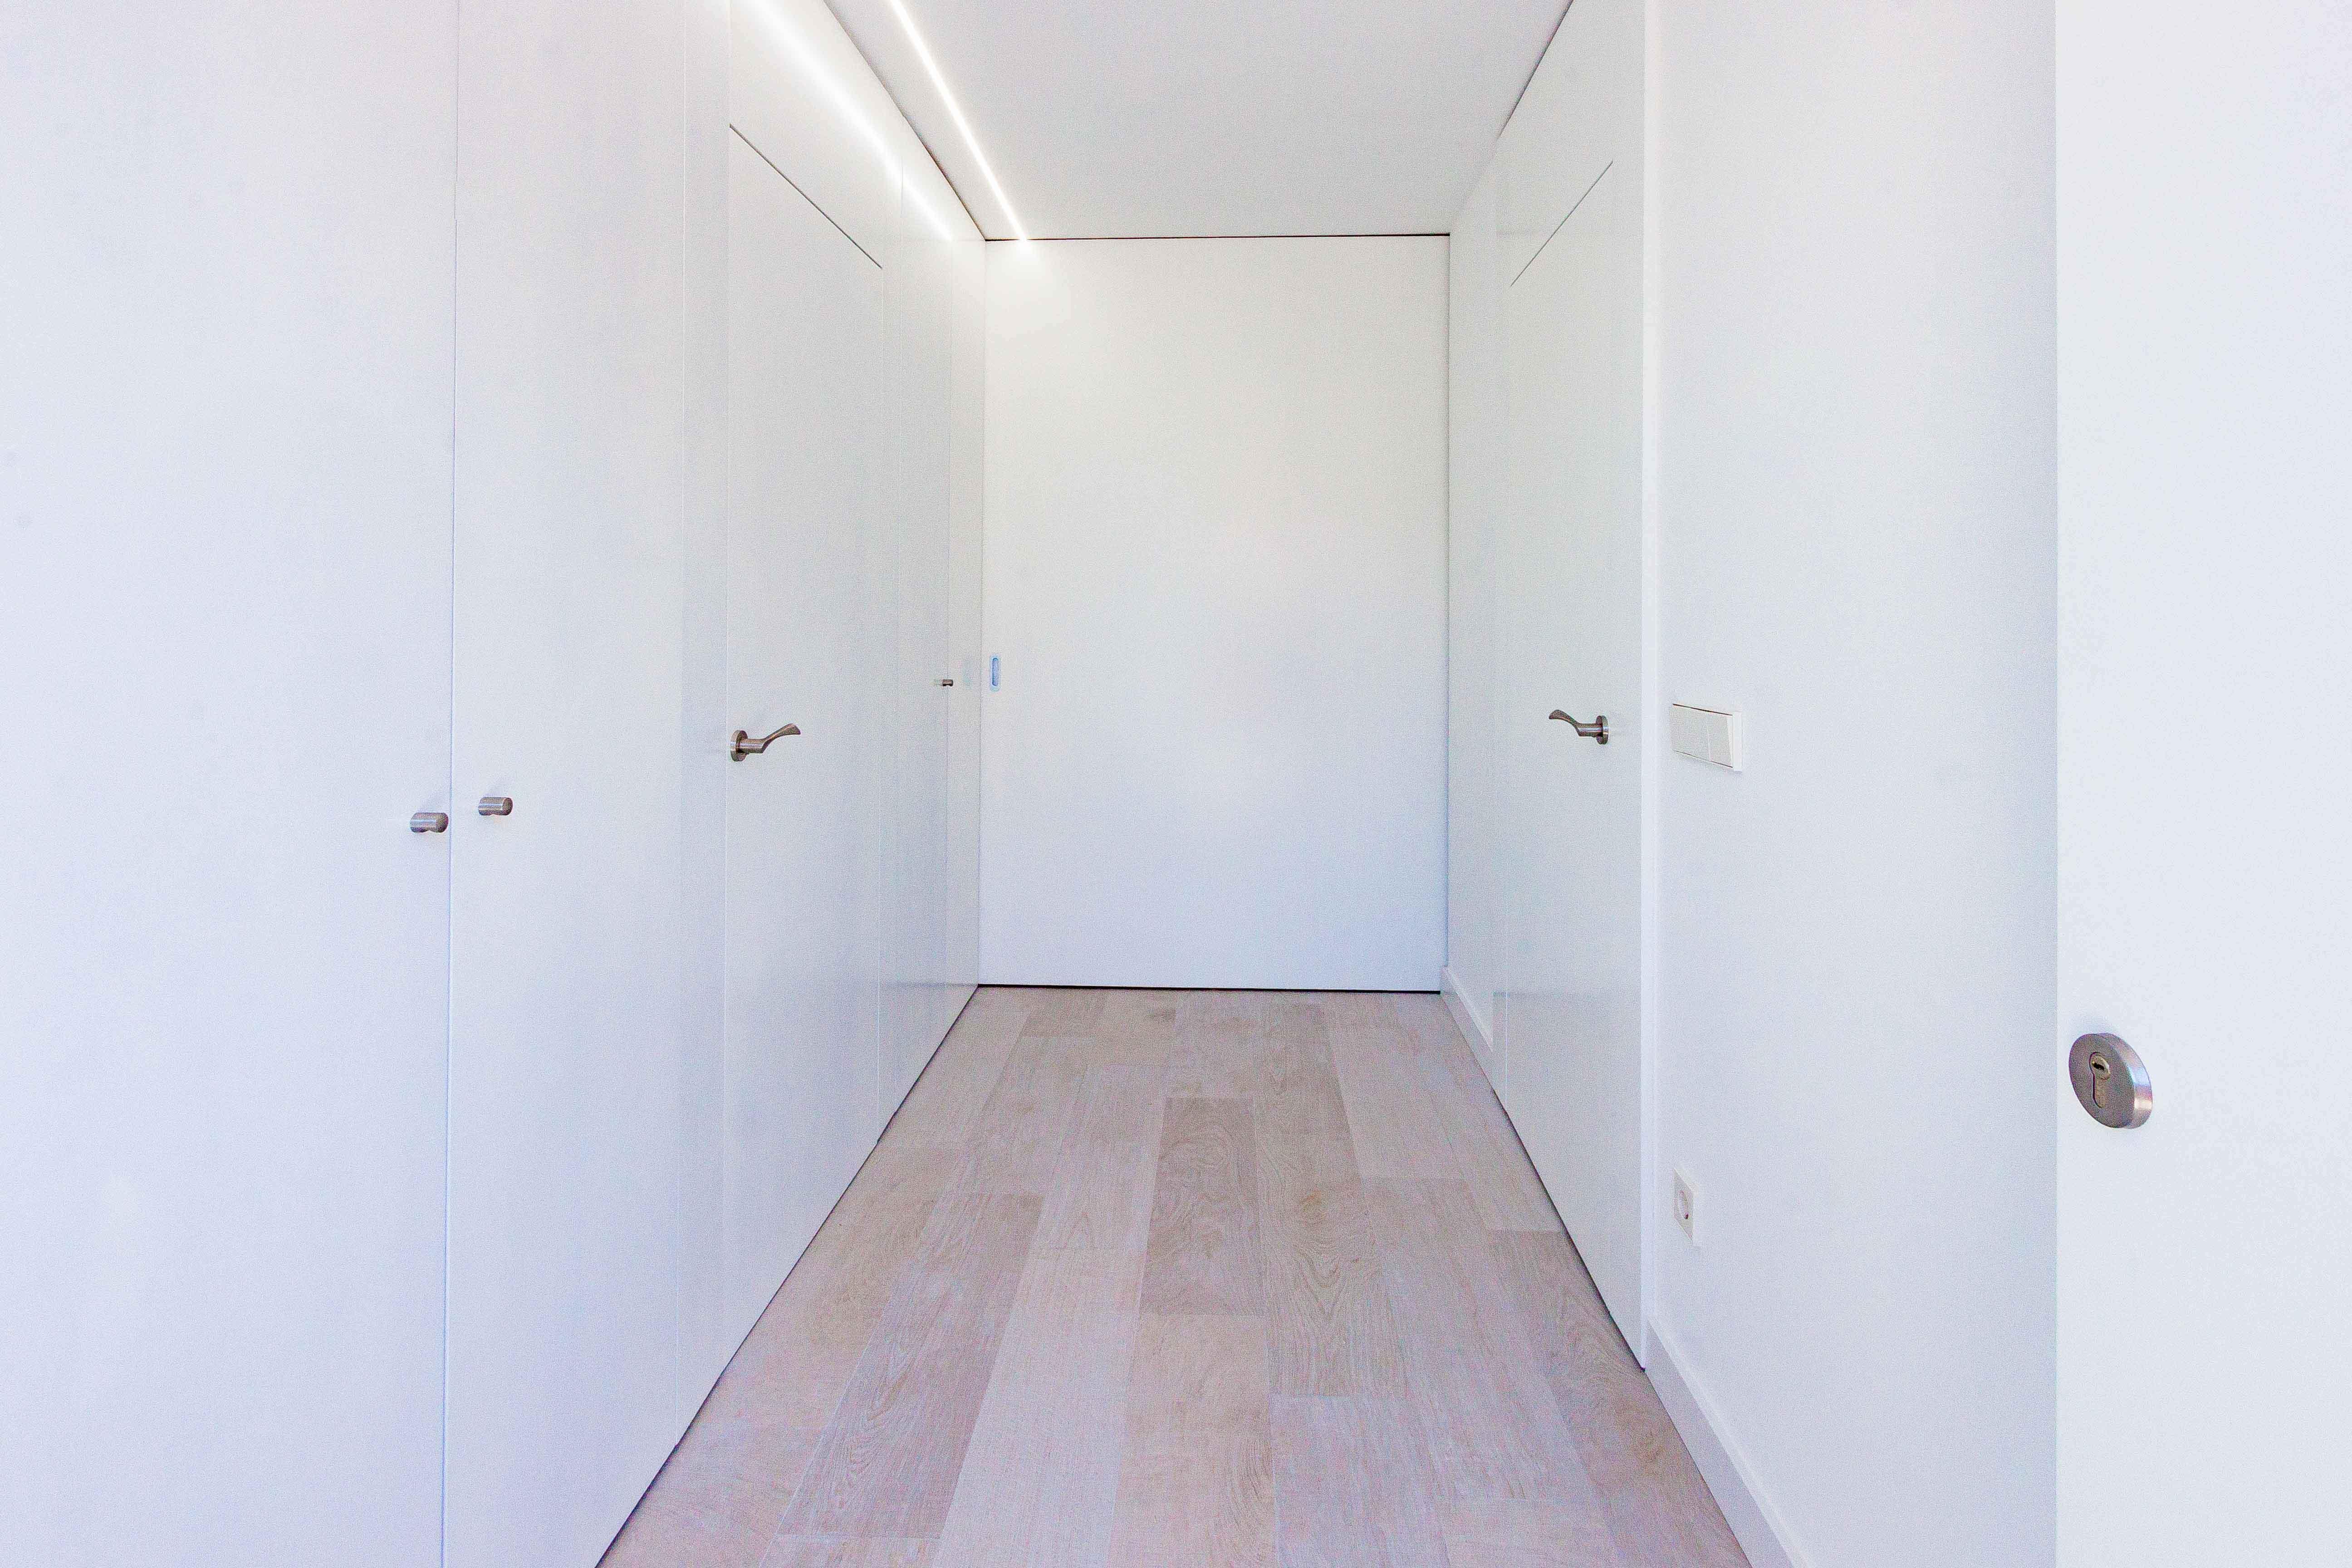 Armario blanco empotrado con puertas enrasadas en hall de reforma de casa. Chiralt Arquitectos Valencia.